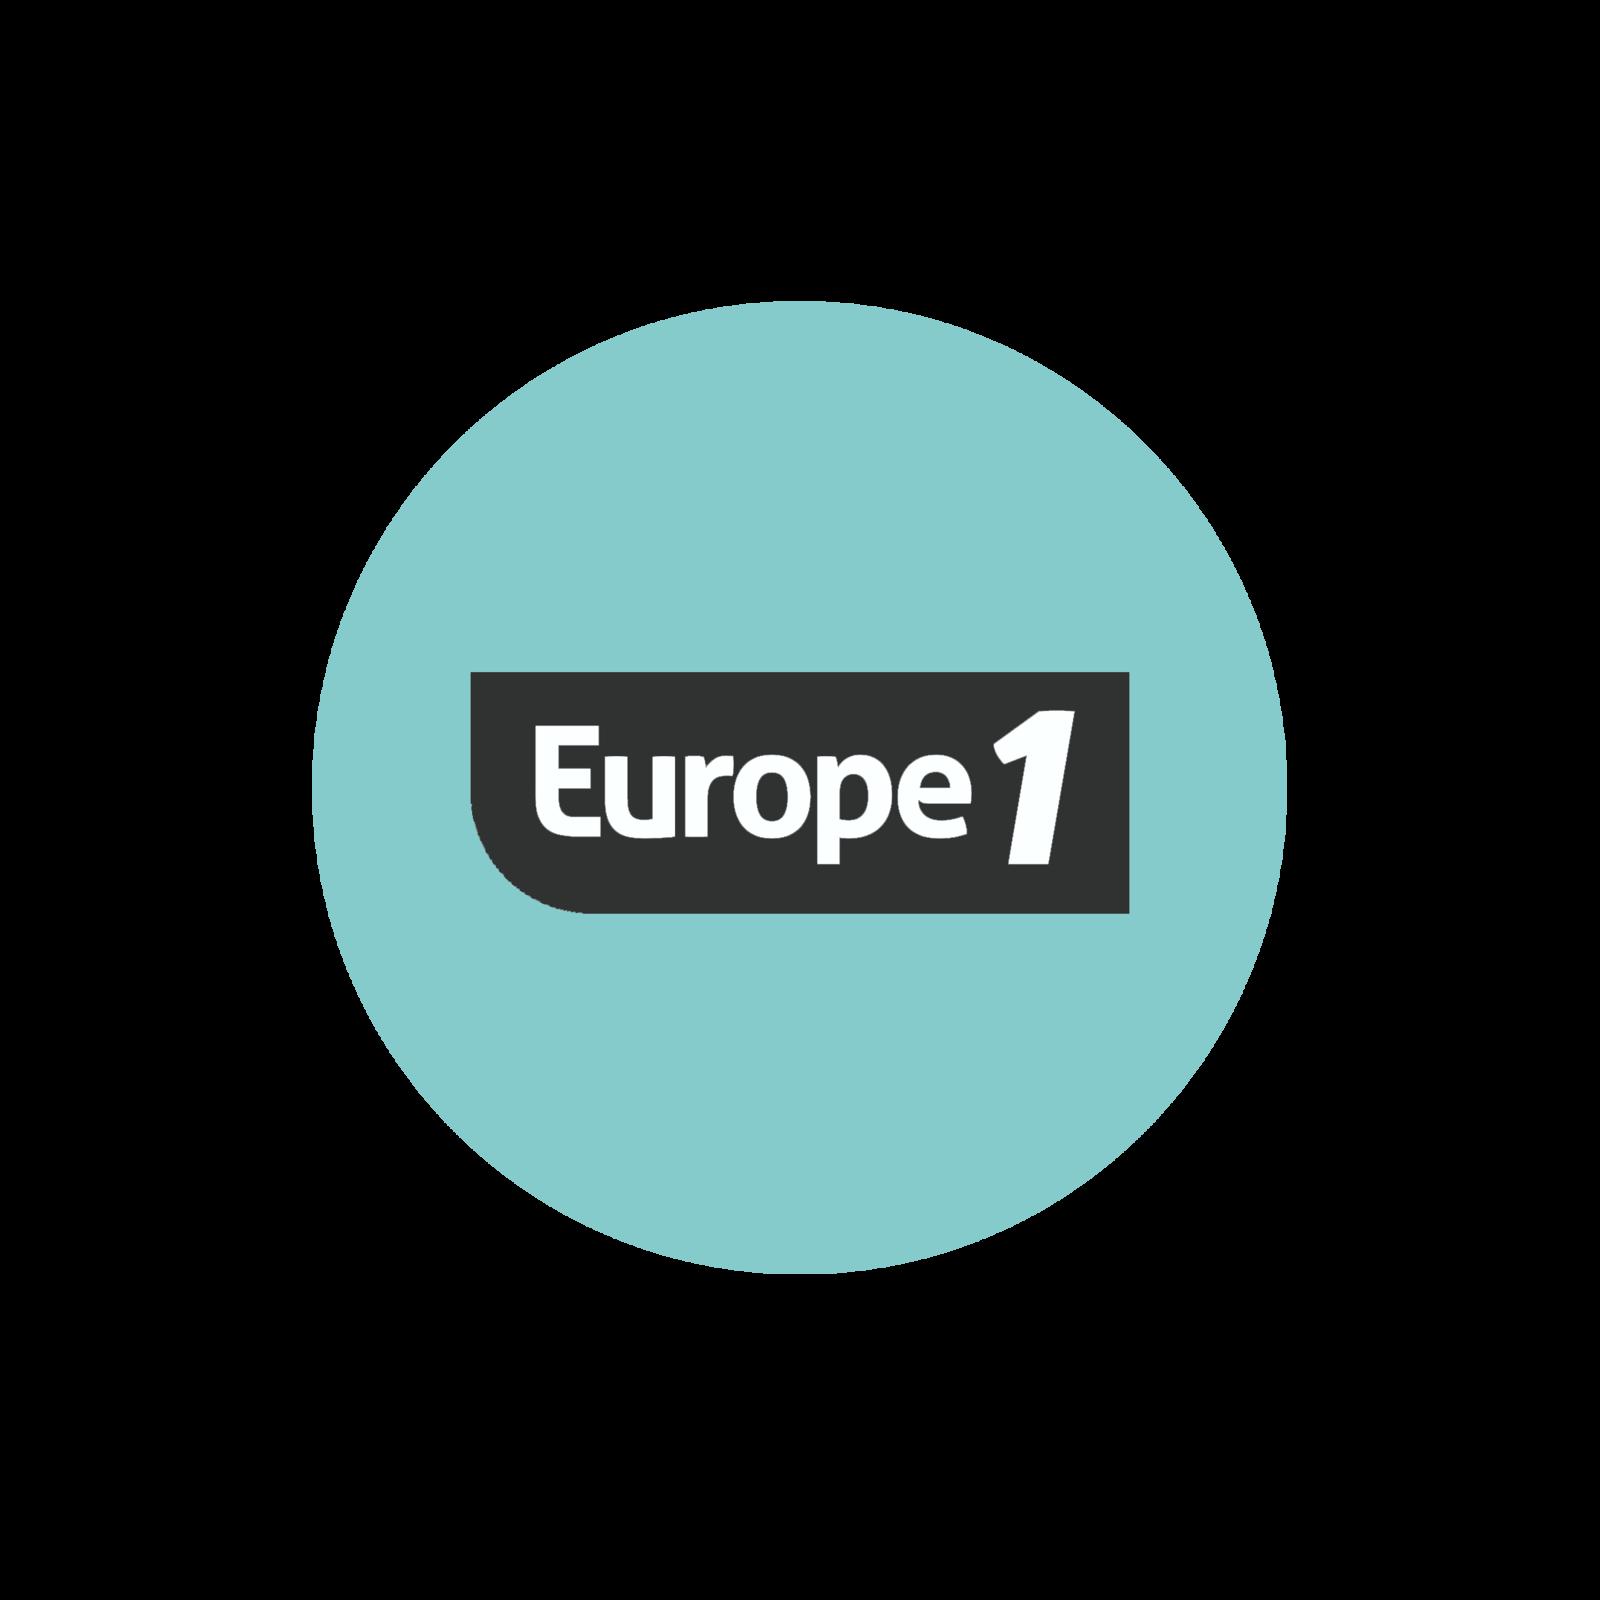 Écoles de journalisme : Joanna Chabas lauréate de la Bourse Lauga-Delmas créée par Europe 1.